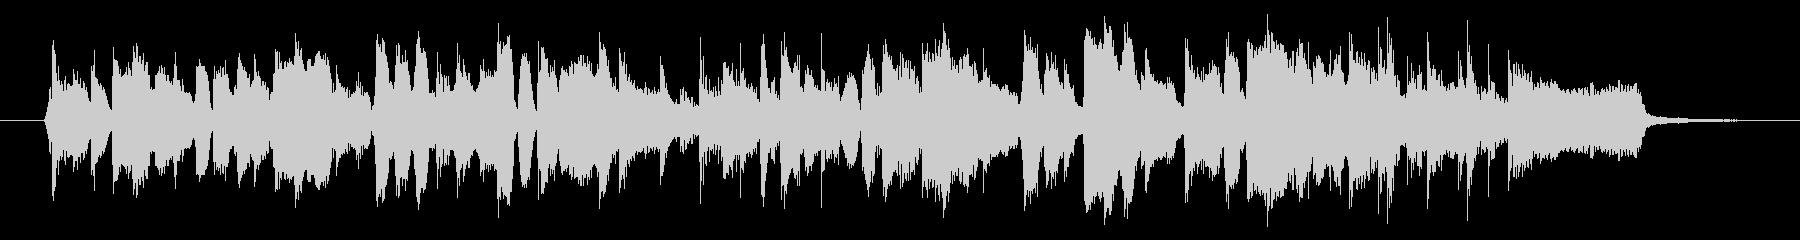 ハーモニカ生演奏ほのぼのライトロックの未再生の波形